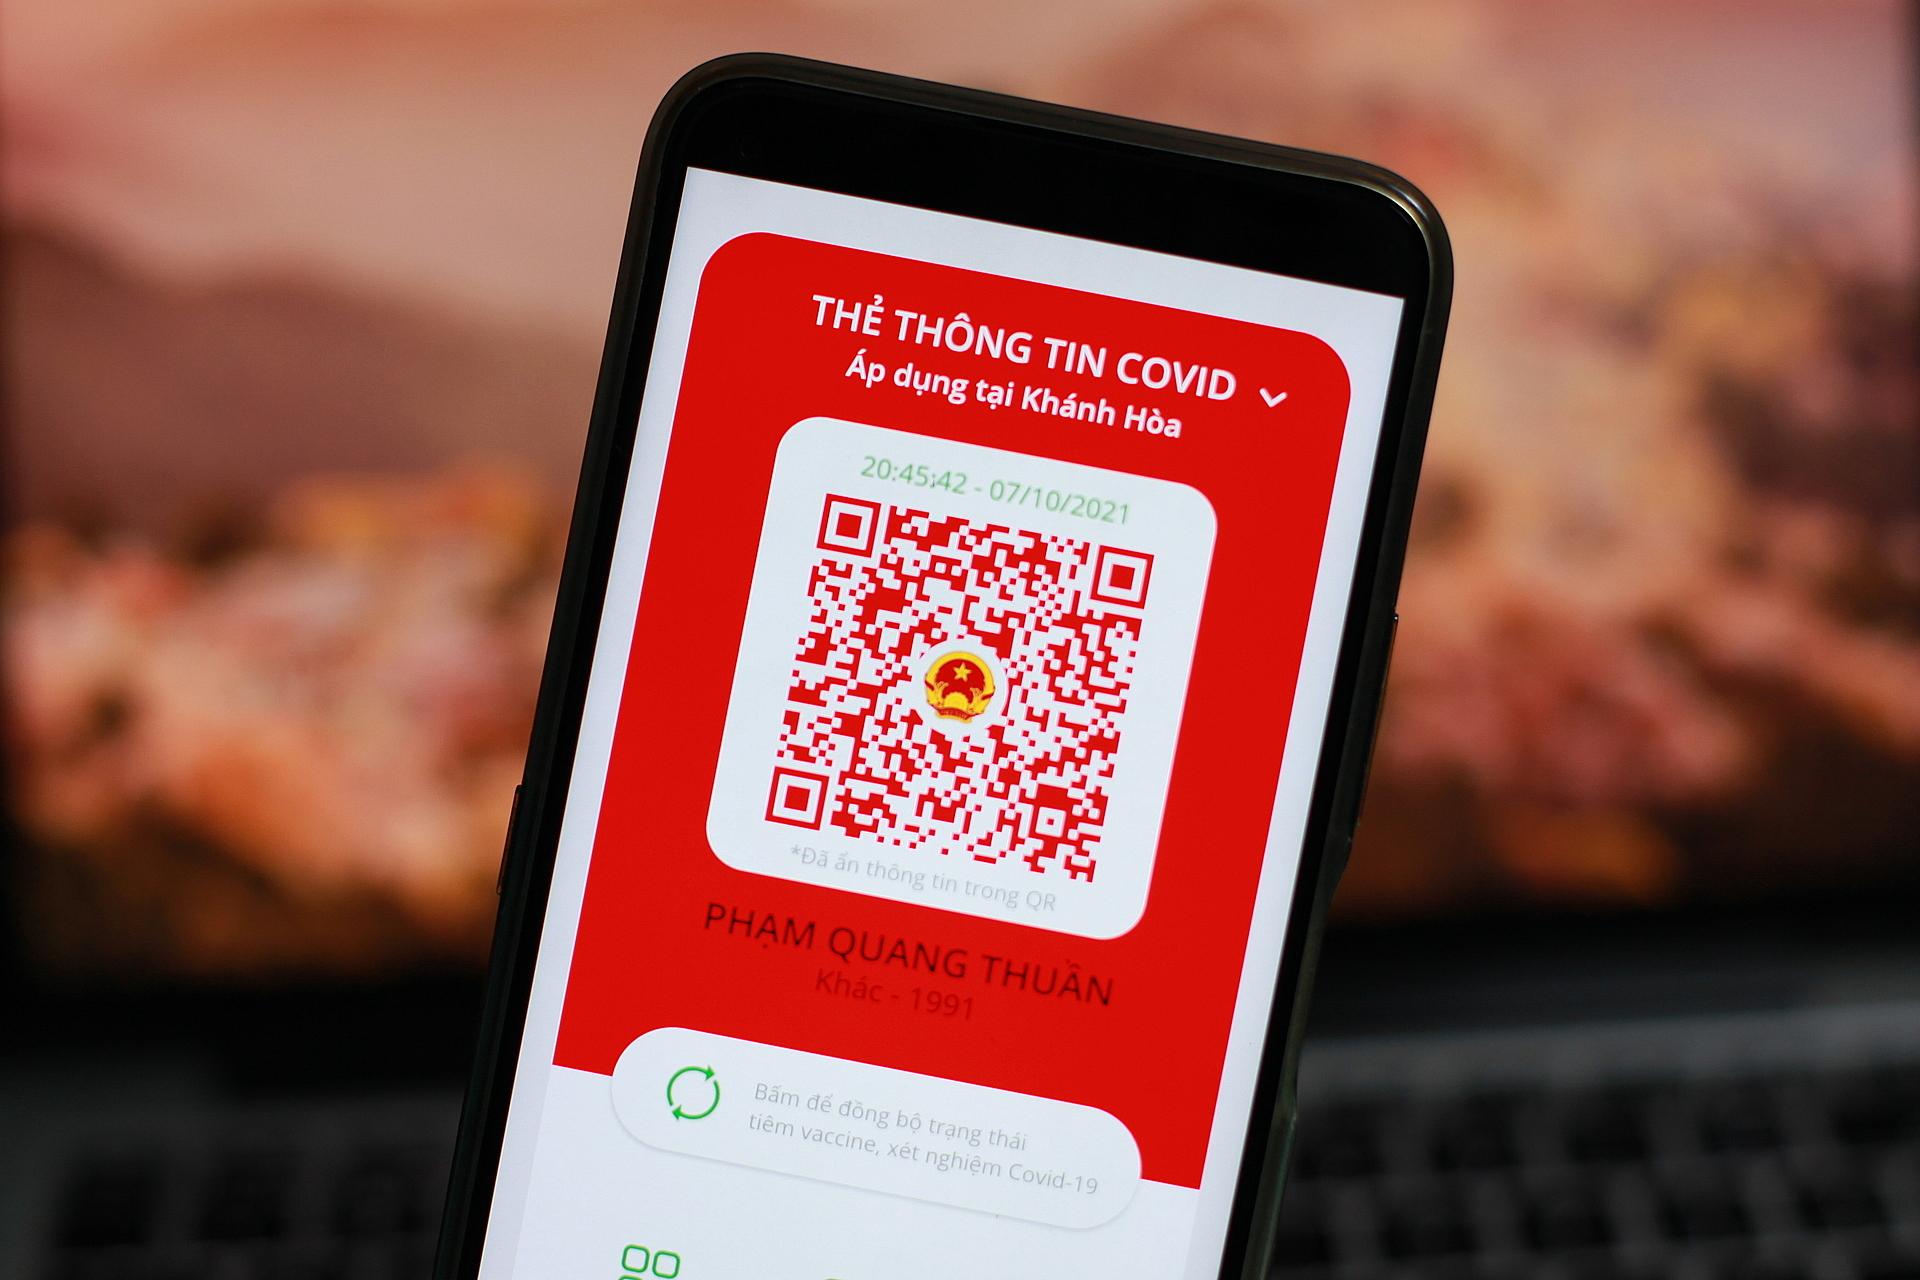 Thẻ thông tin Covid đổi màu xanh, vàng, đỏ khi người dùng chọn địa điểm áp dụng ở Khánh Hoà. Ảnh: Khương Nha